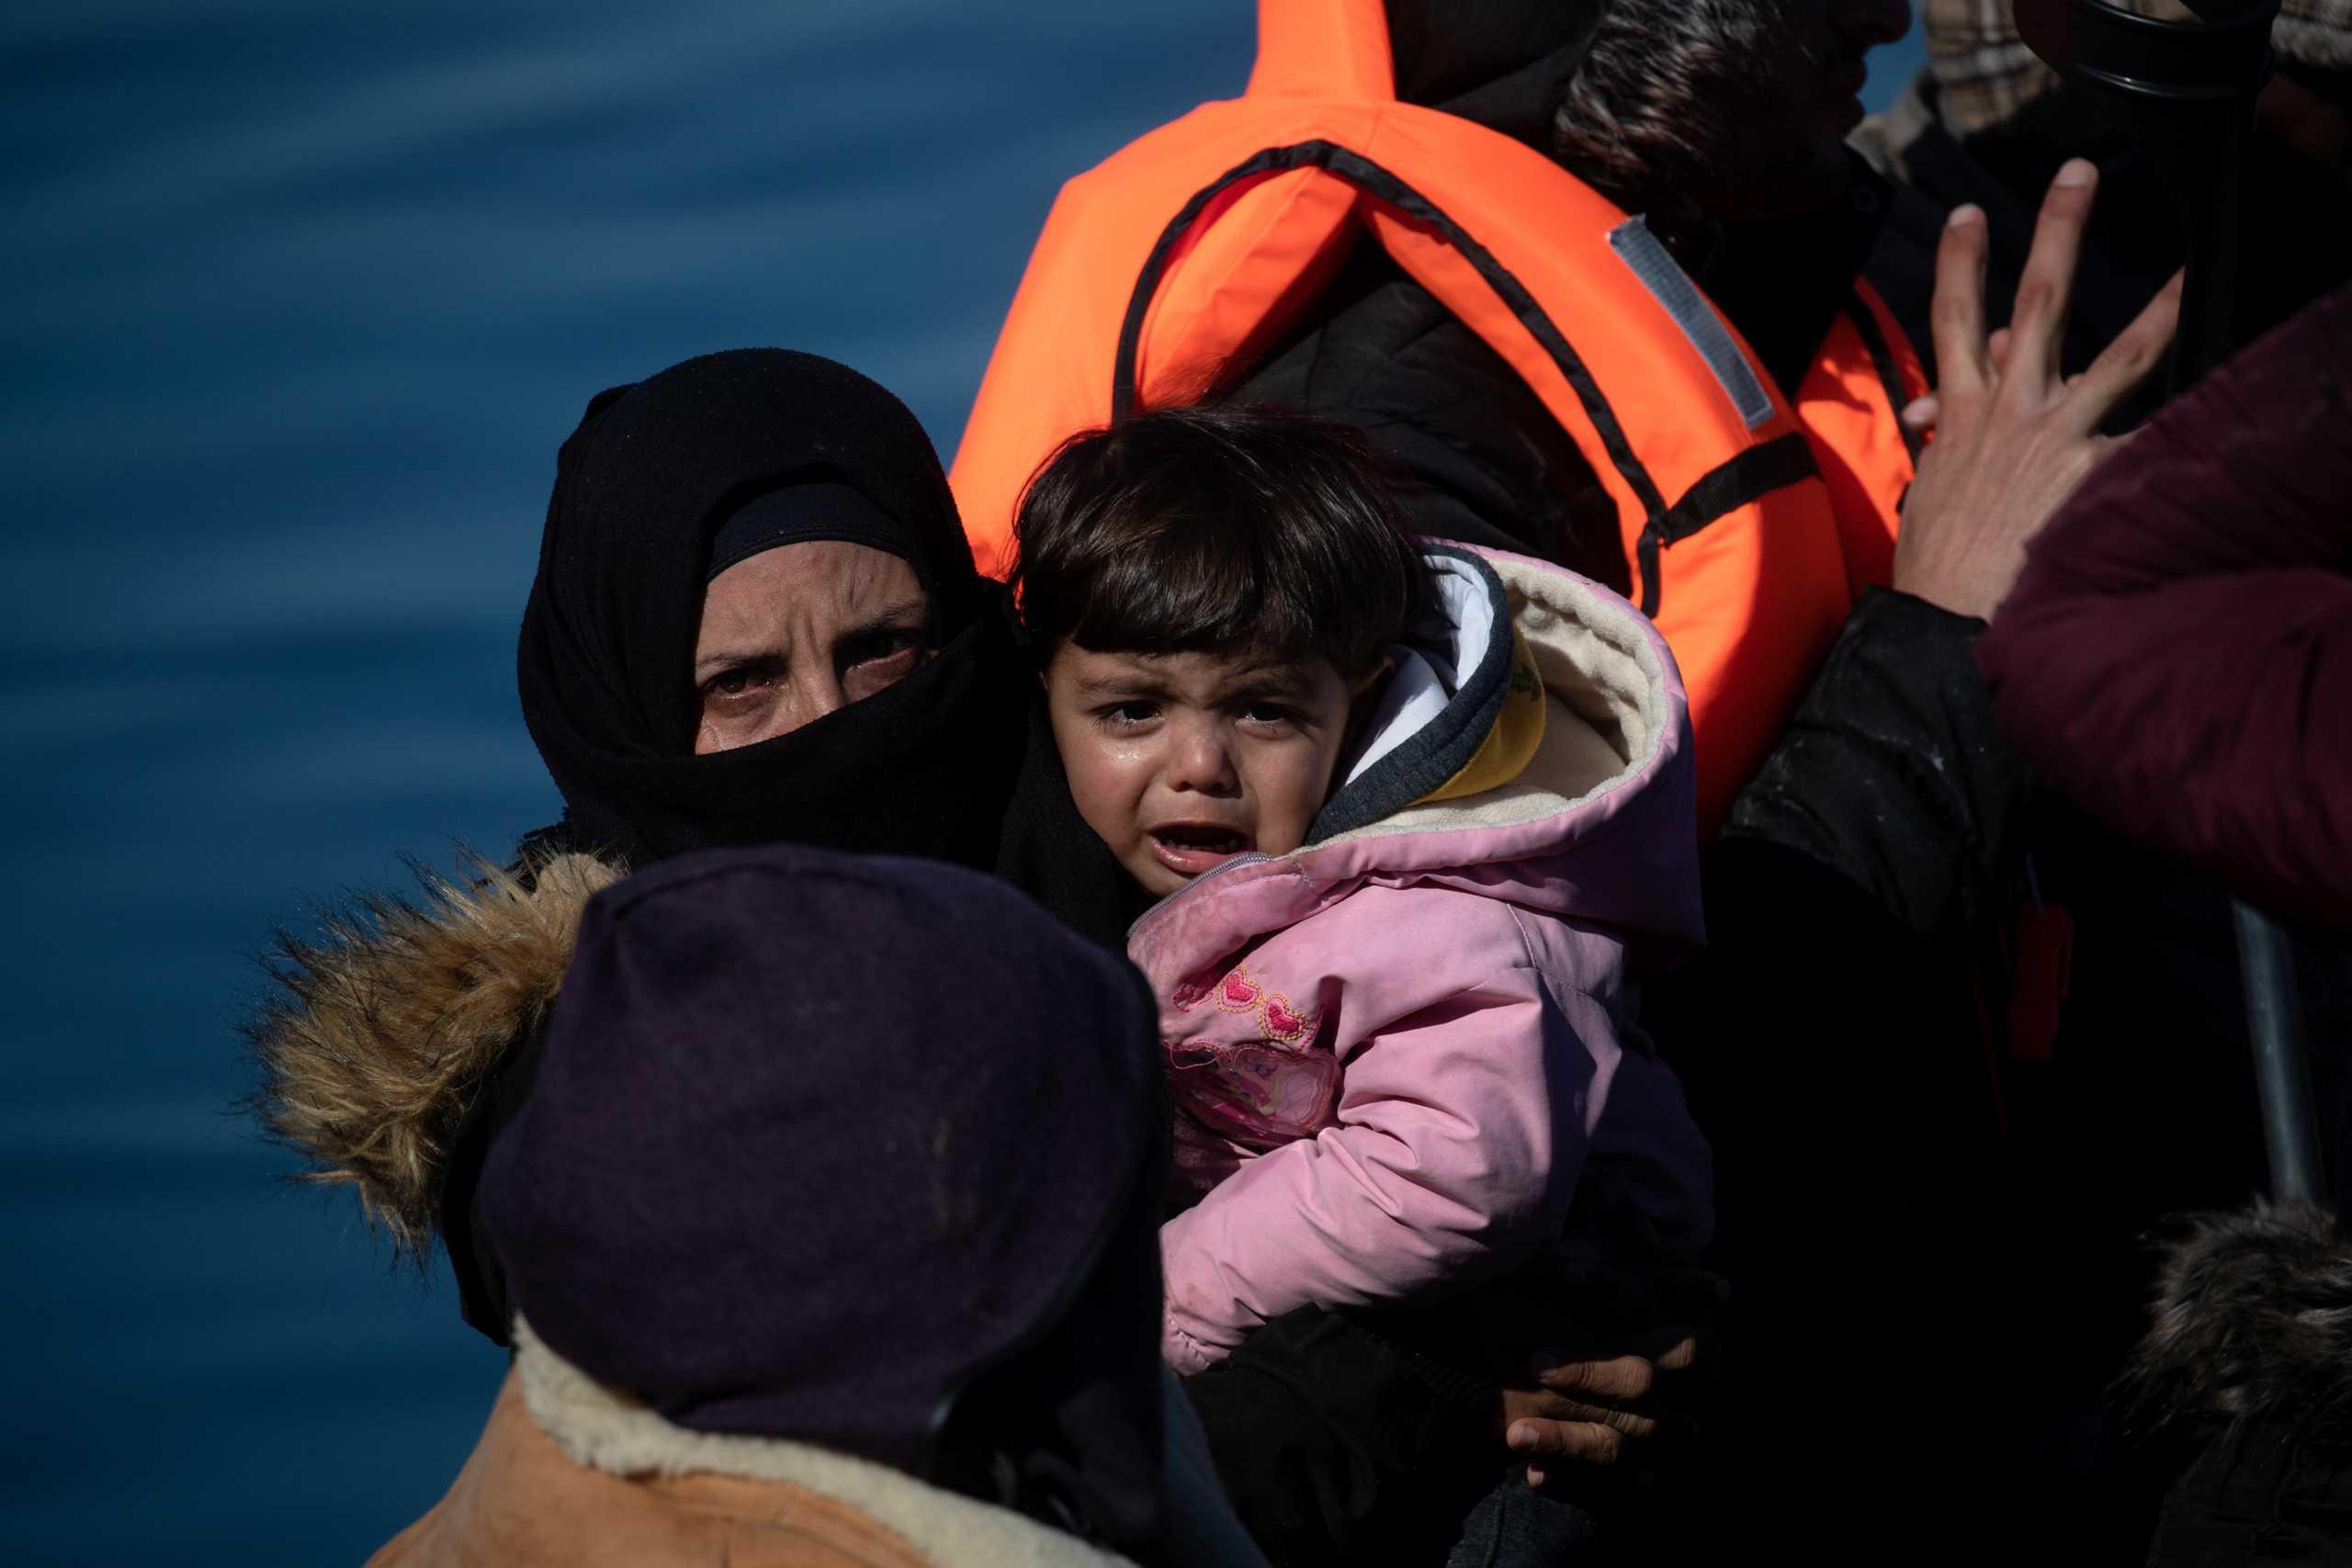 Σέρρες: Δωρεά αγάπης σε πρόσφυγες και μετανάστες! Η αγκαλιά των κατοίκων της πόλης